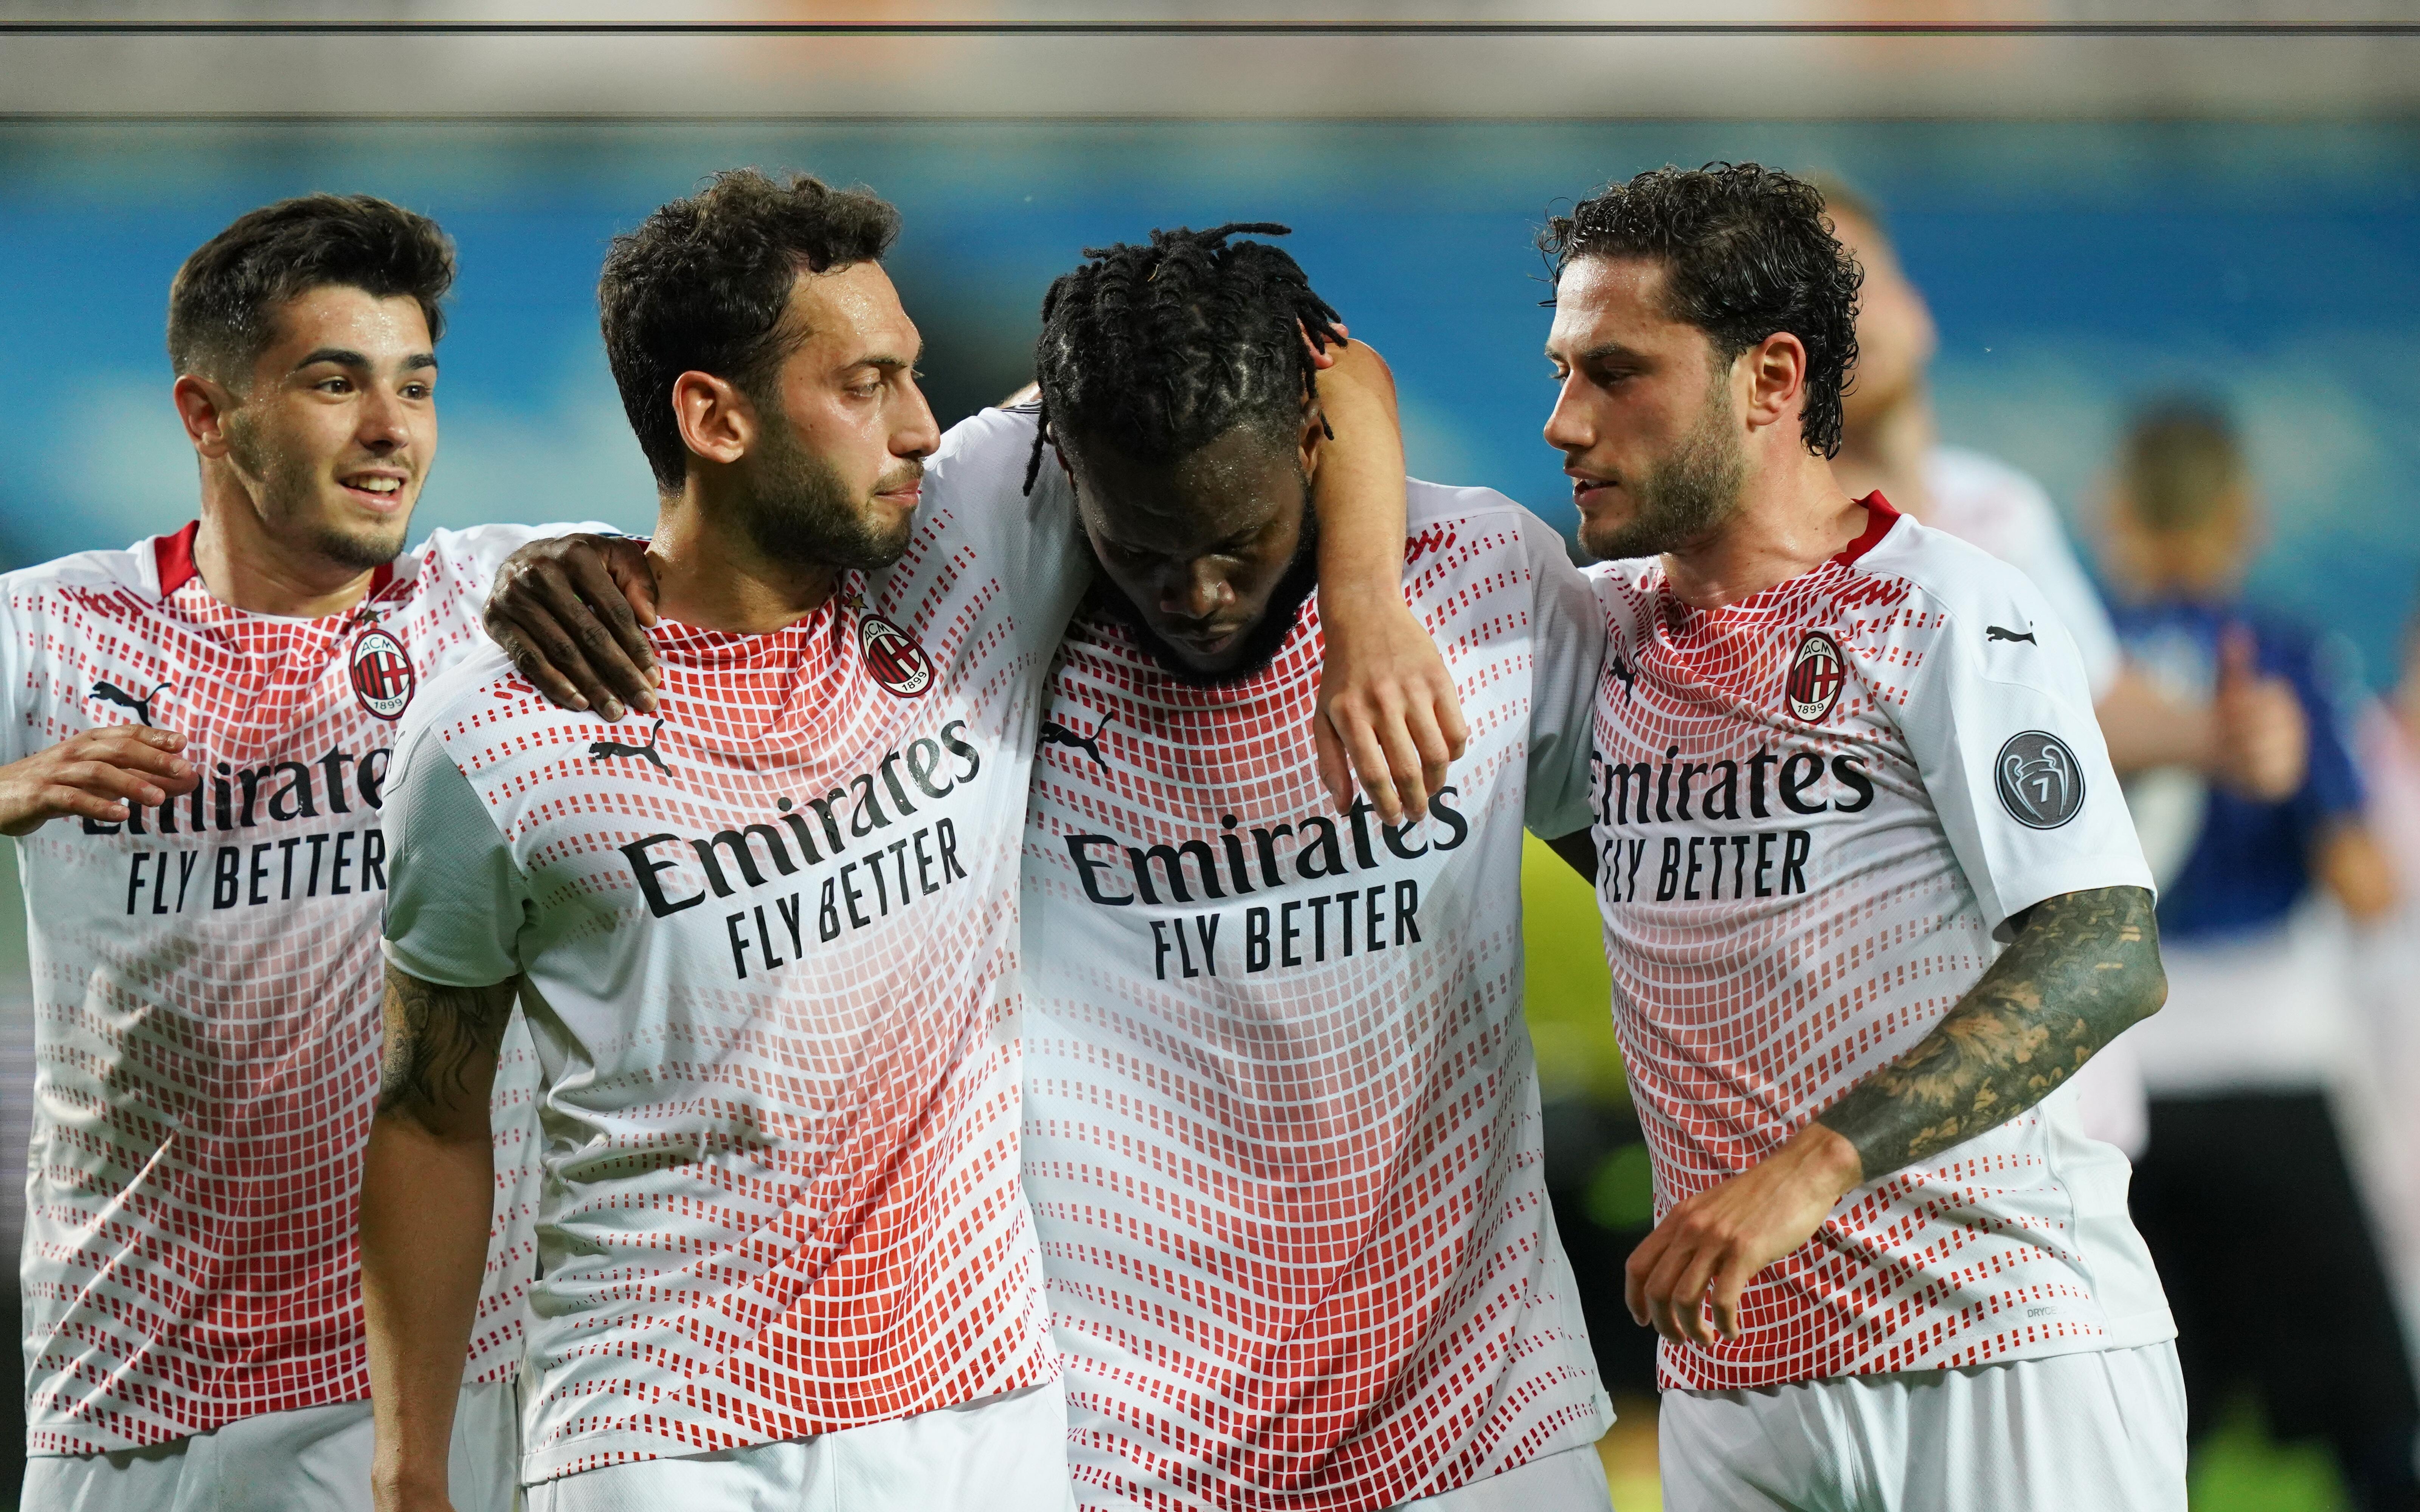 凯西点射双响,米兰客场2-0亚特兰大获联赛亚军+欧冠资格插图